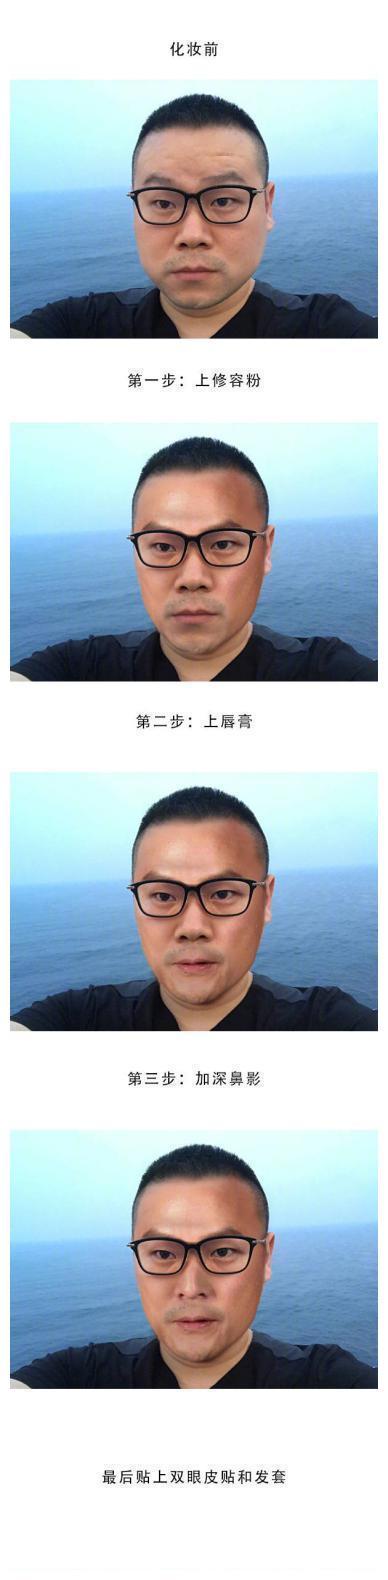 """小岳岳把自己P成吴彦祖,被王尼玛吐槽""""喂,脸呢"""""""